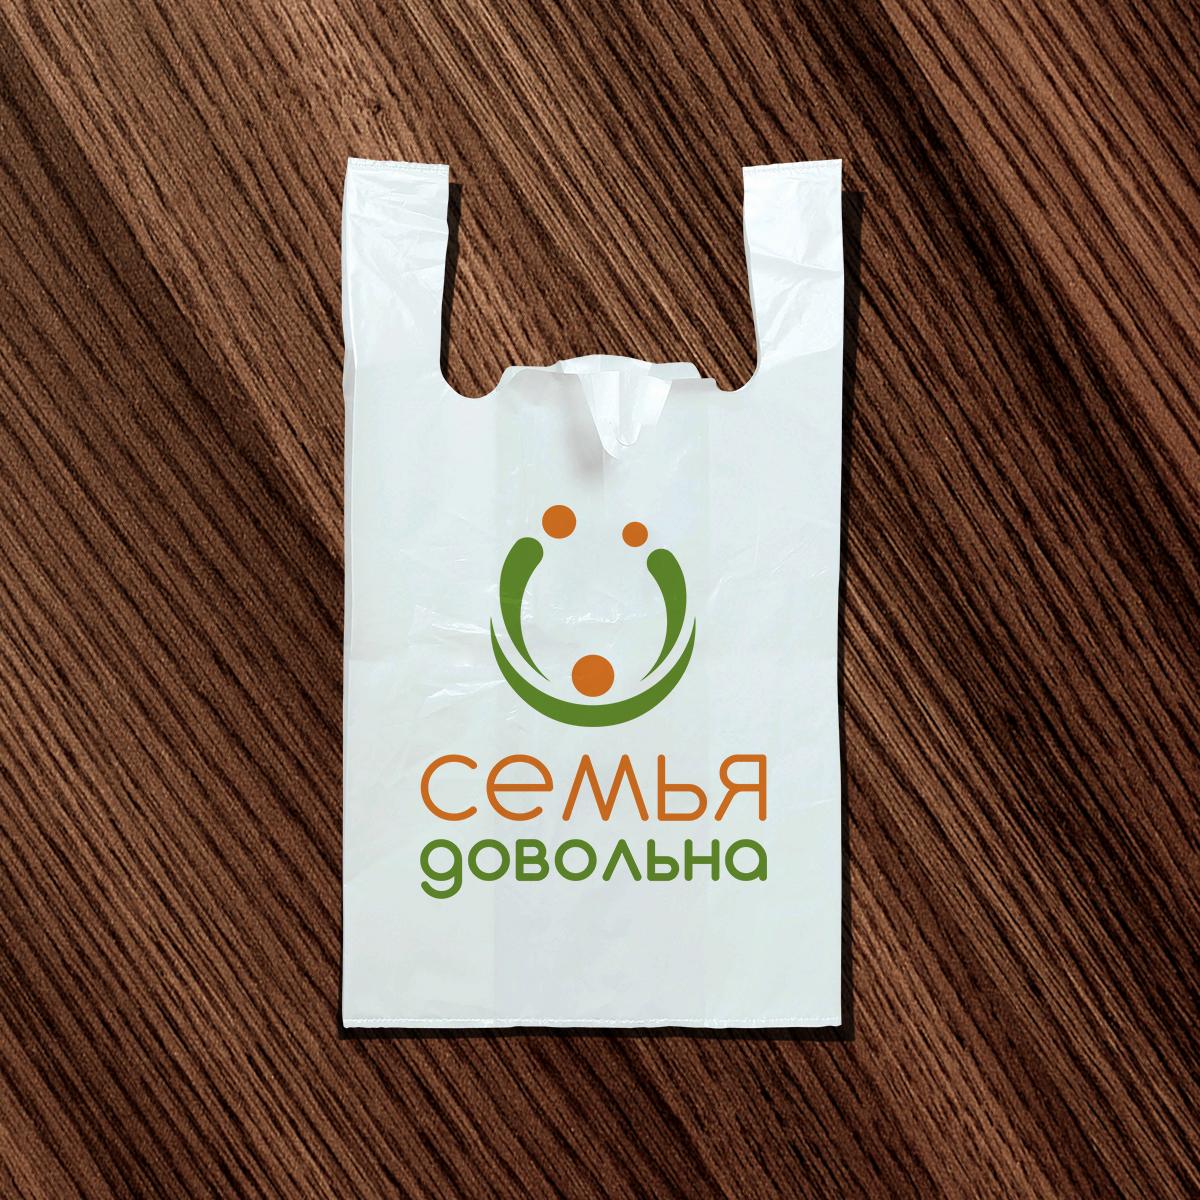 """Разработайте логотип для торговой марки """"Семья довольна"""" фото f_3945968bd91e21c8.jpg"""